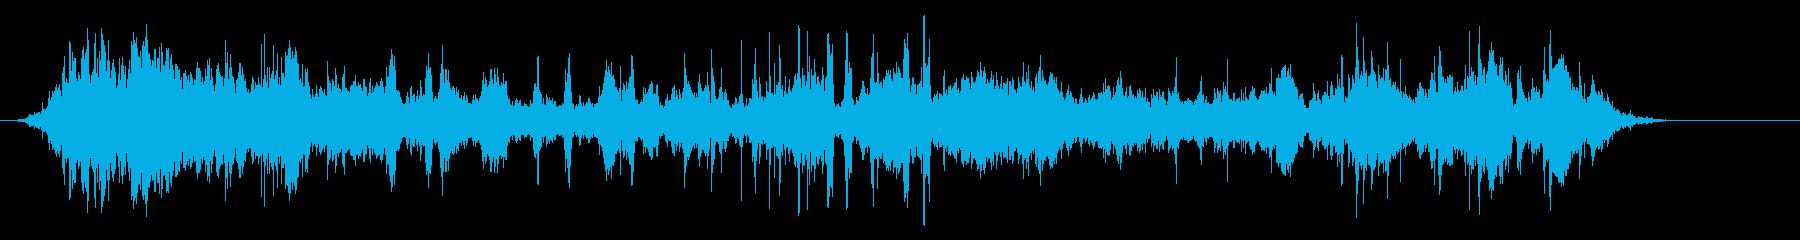 エルロシオカレタエンリオの再生済みの波形